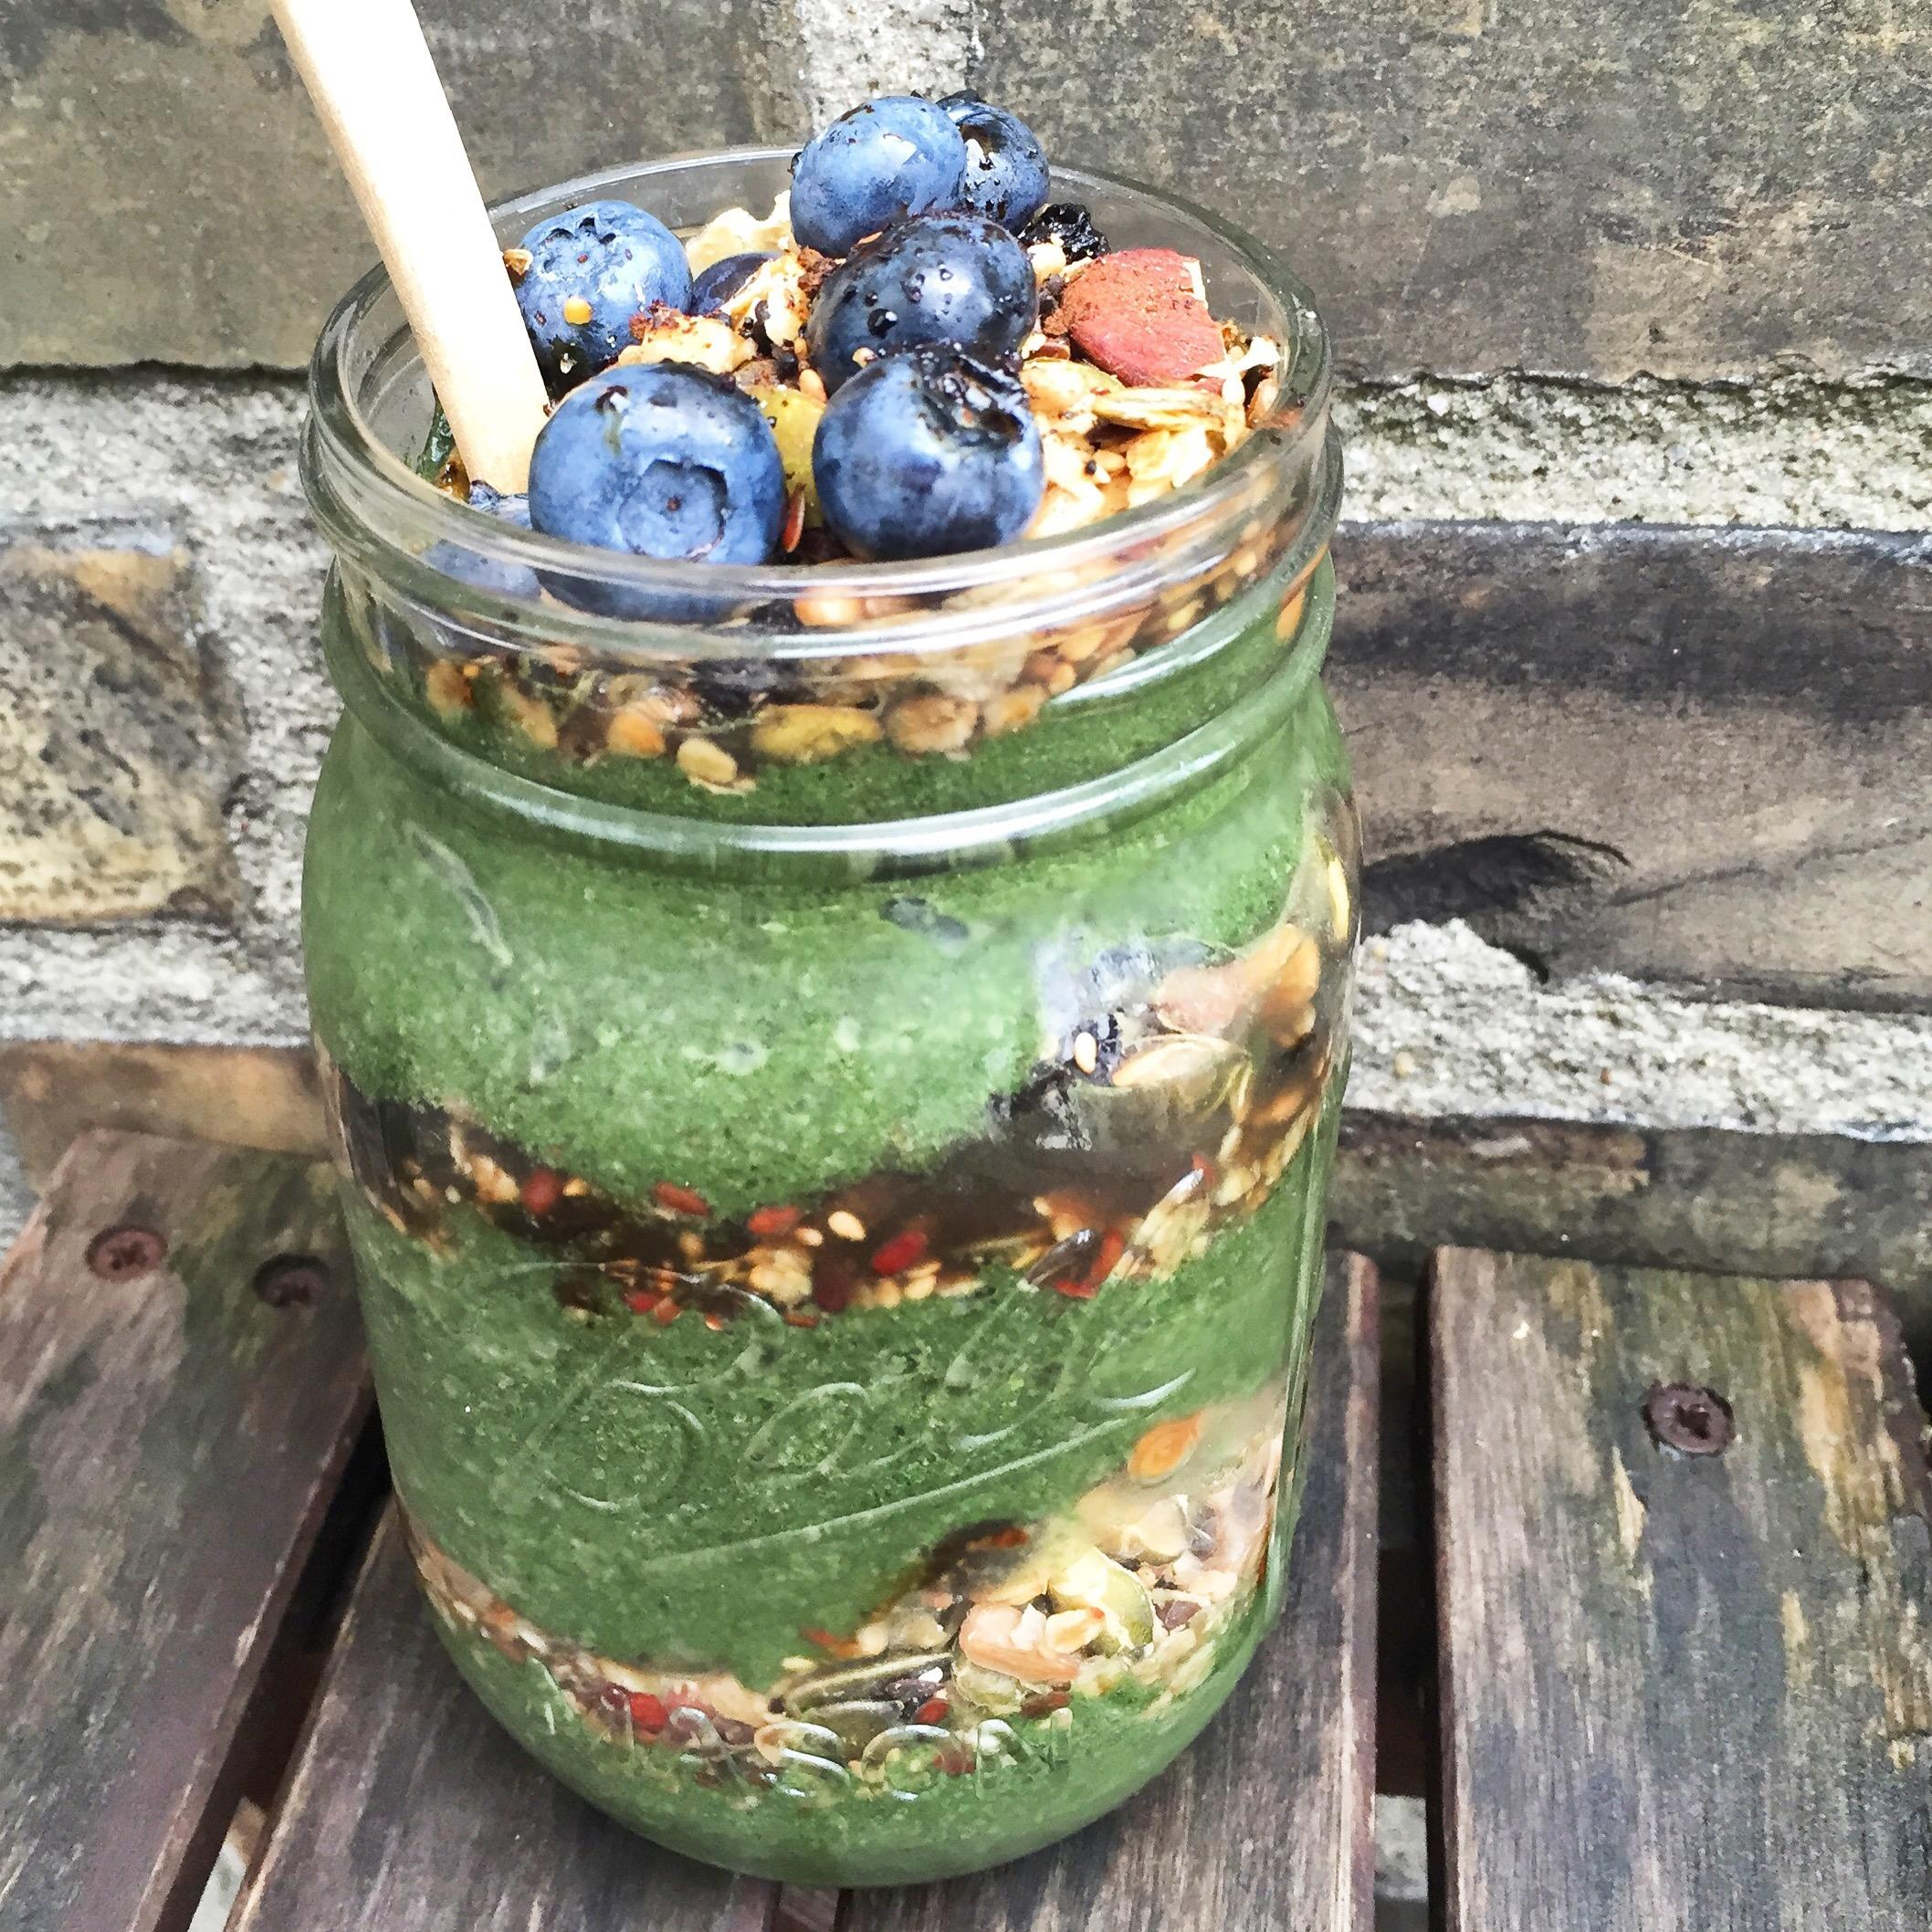 Grøn og sund smoothie bowl med masser af grøntsager, vitaminer og mineraler. Lækker sund morgenmad